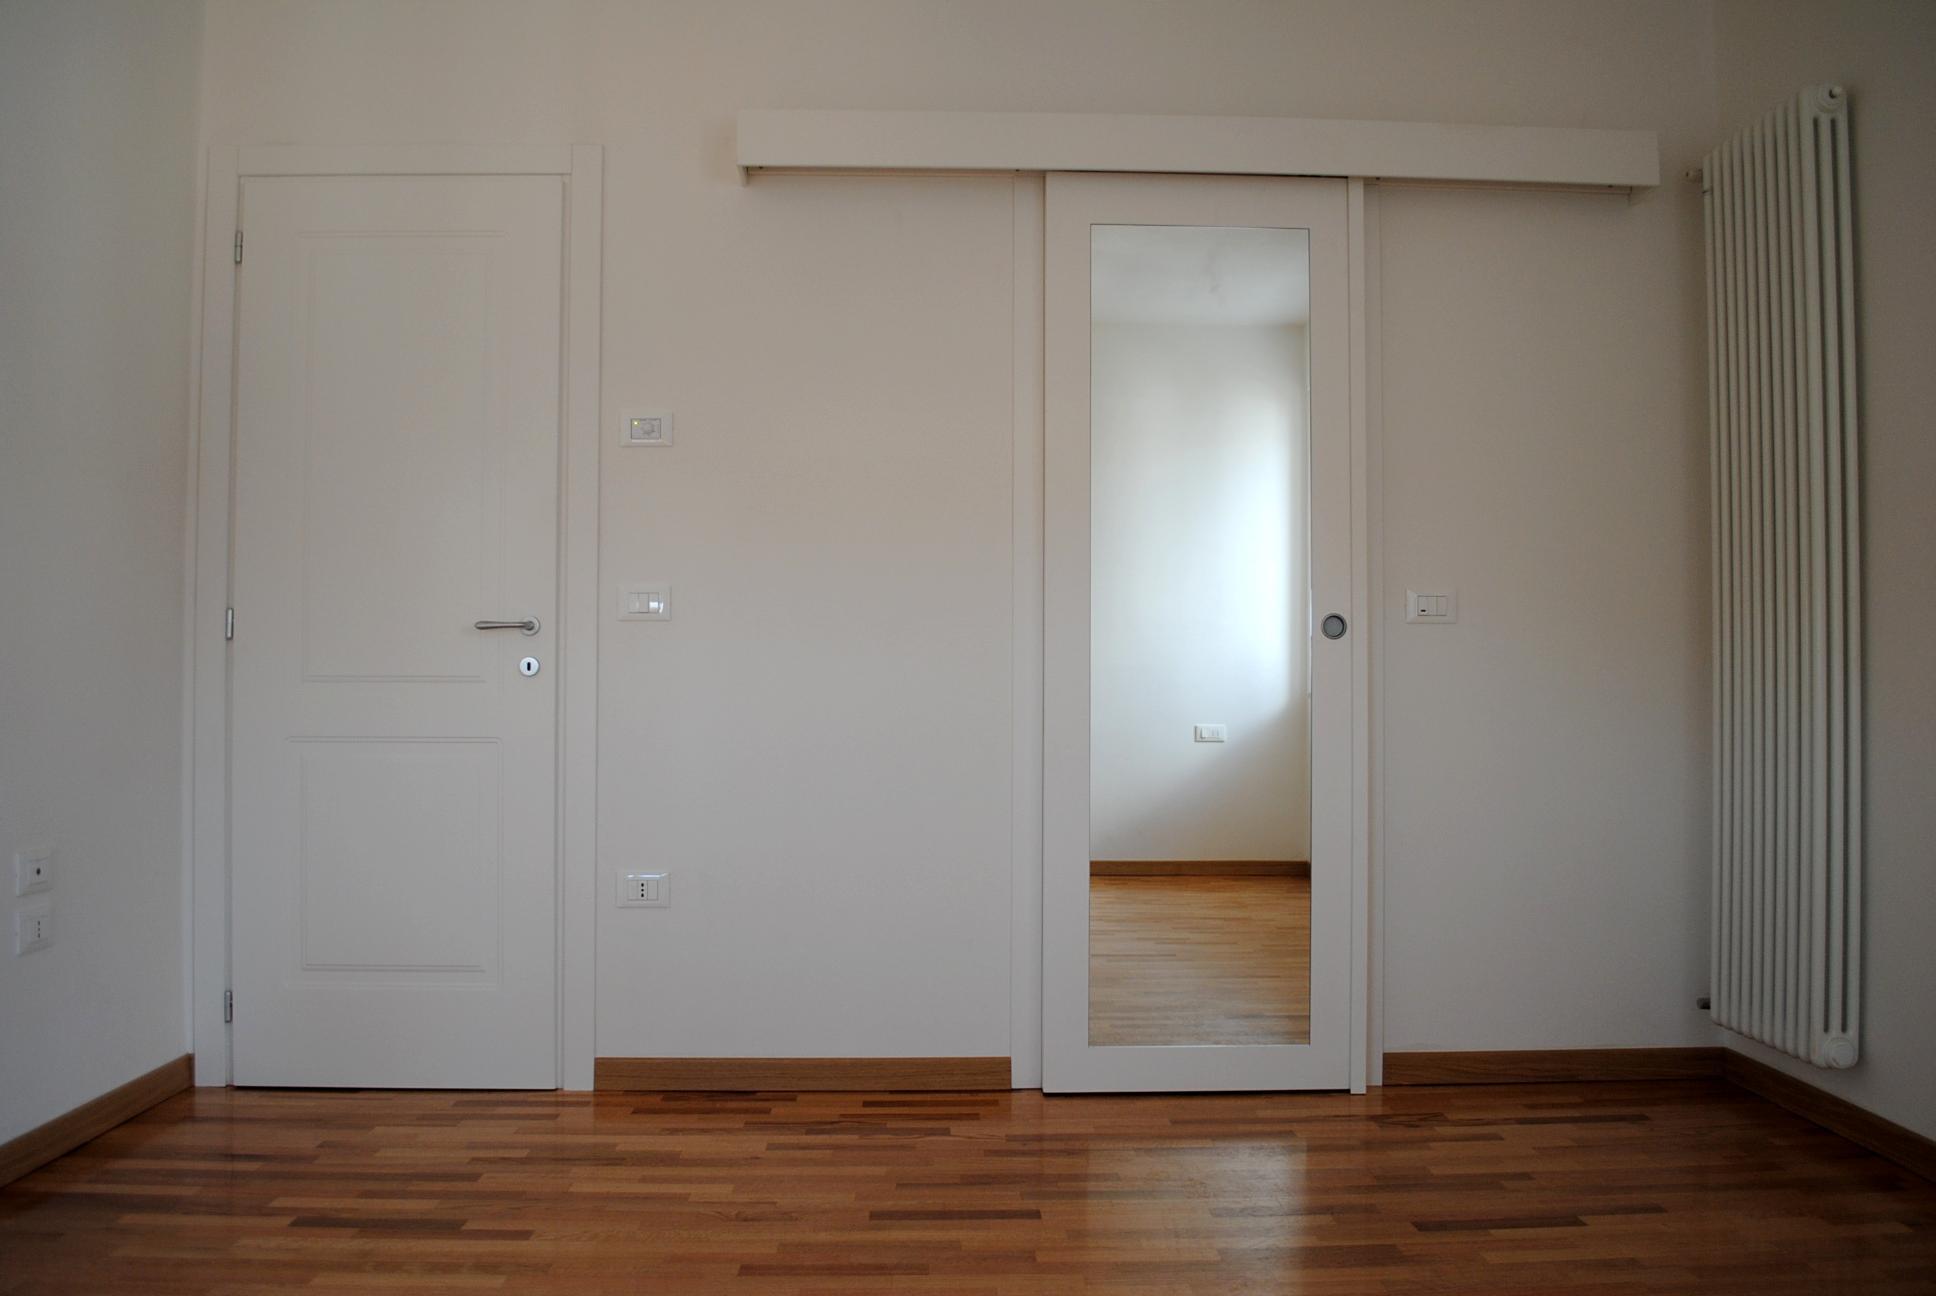 Porte Filo Muro Specchio porte interne | falegnameria dal santo